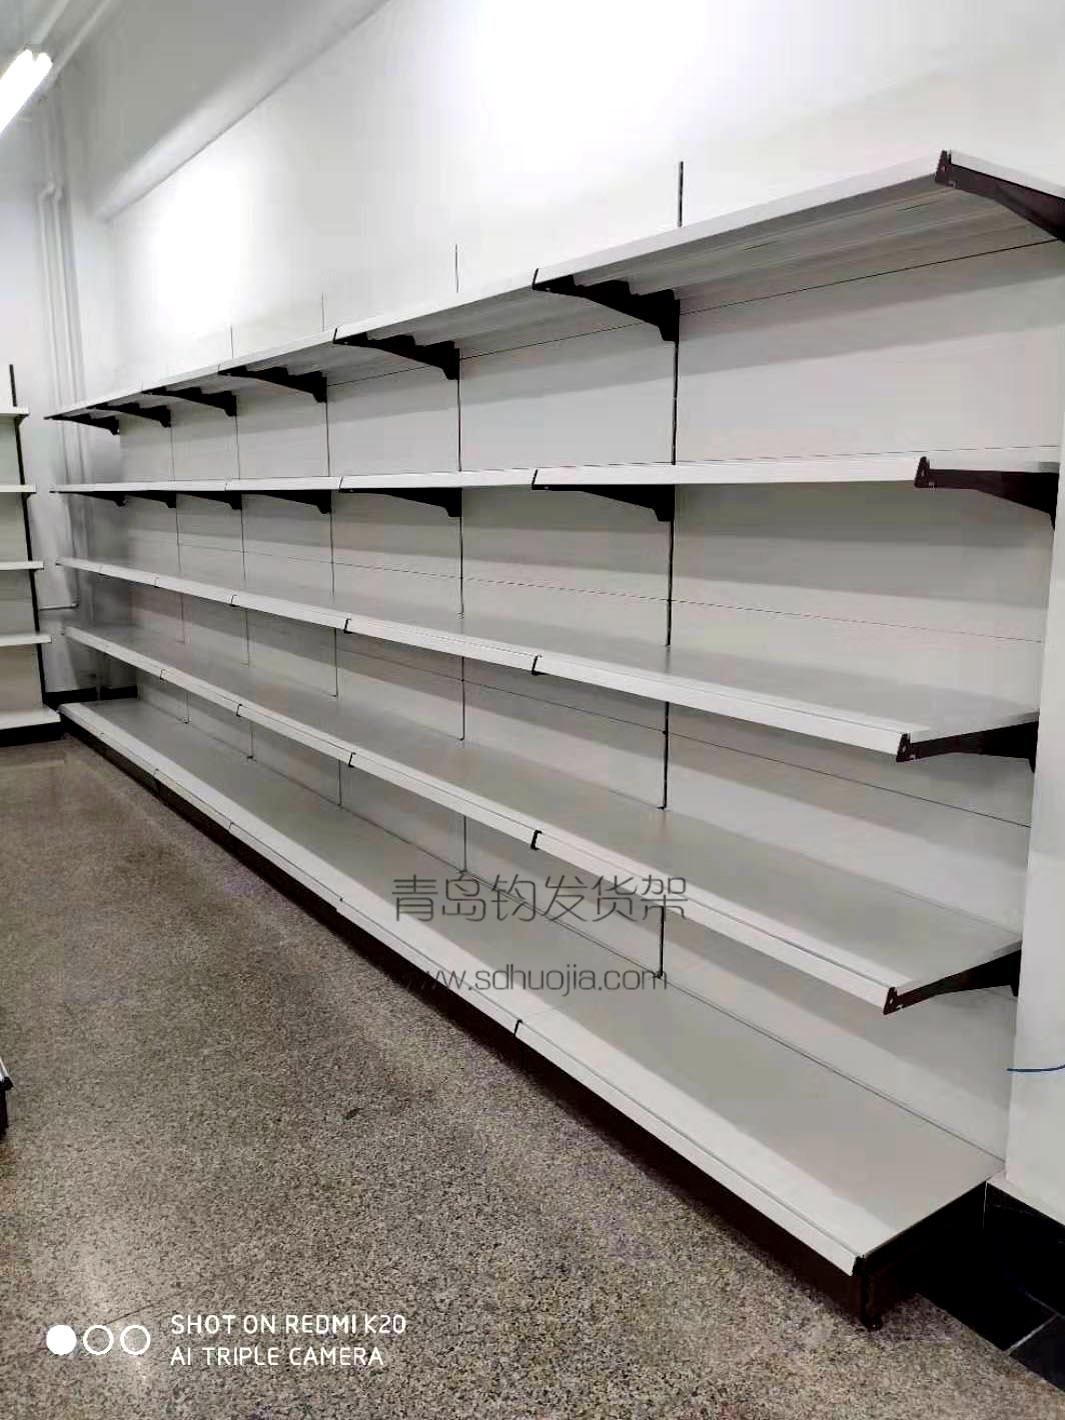 恭喜青岛某学校在青岛钧发货架定制一批超市货架并顺利安装完成